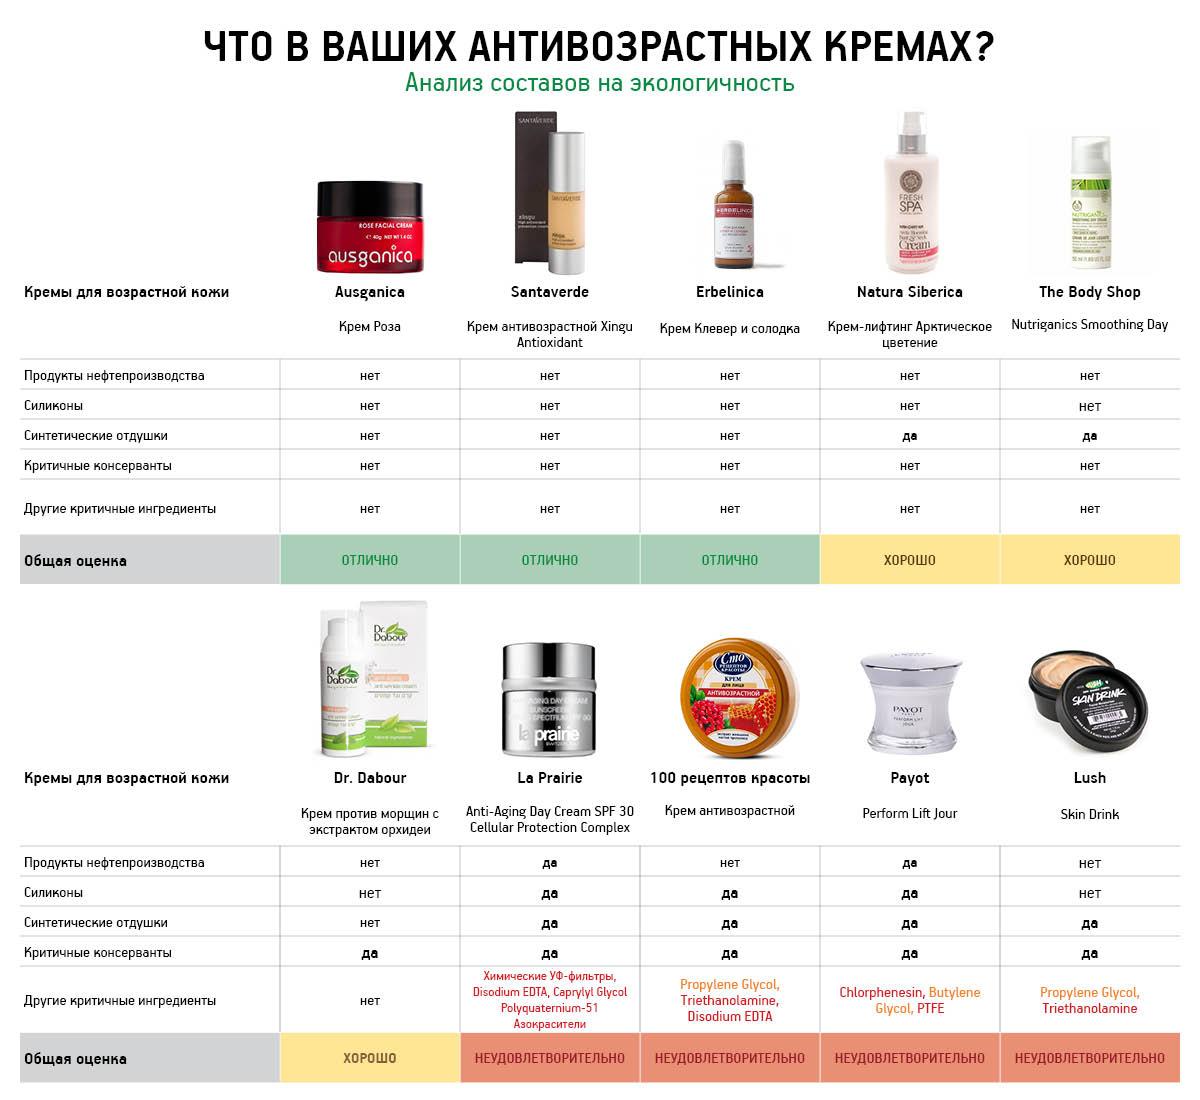 Таблица кремы для возрастной кожи